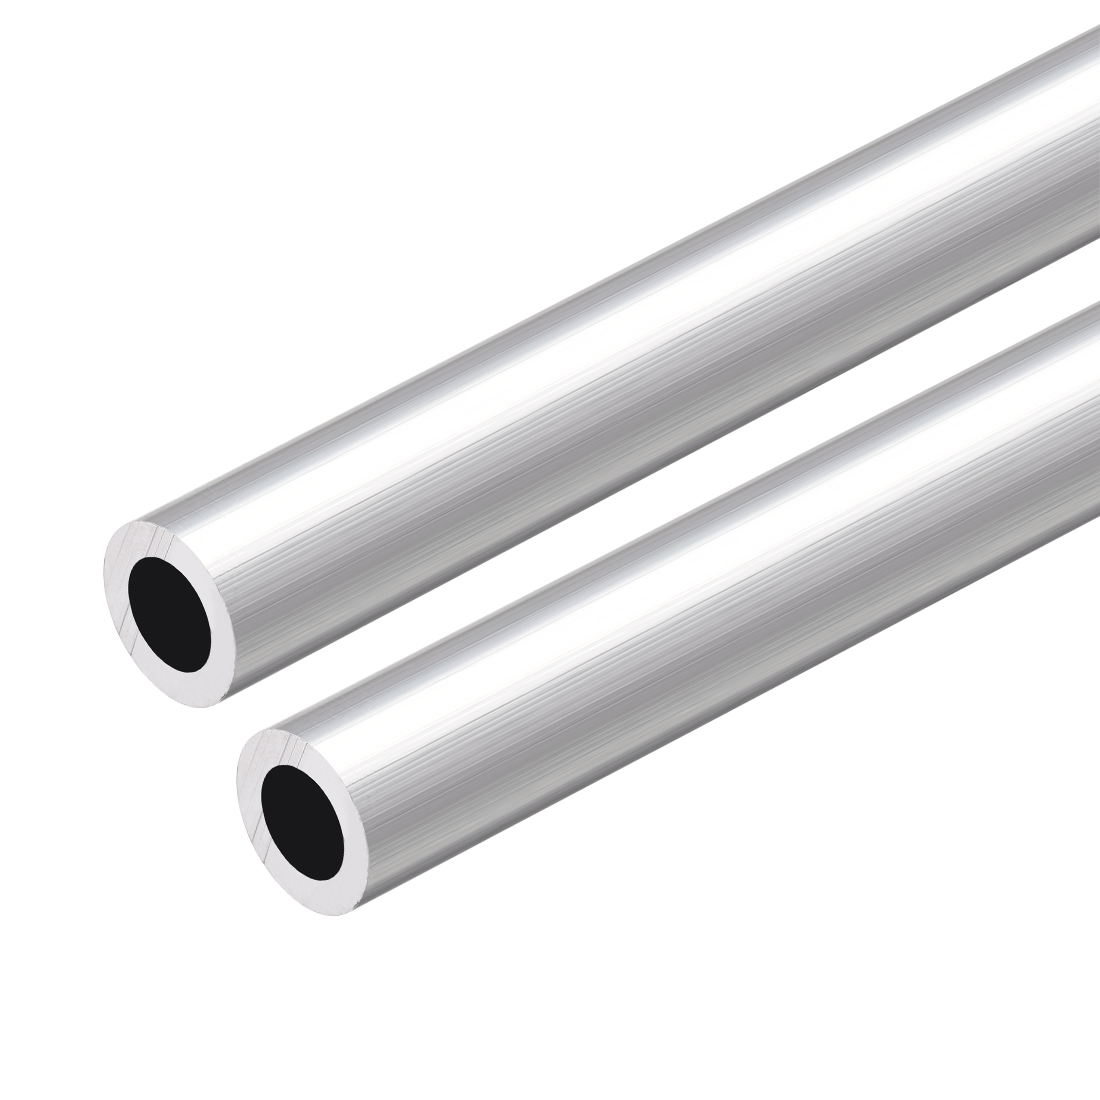 6063 Aluminum Round Tube 300mm Length 13mm OD 8mm Inner Dia Seamless Tubing 2pcs